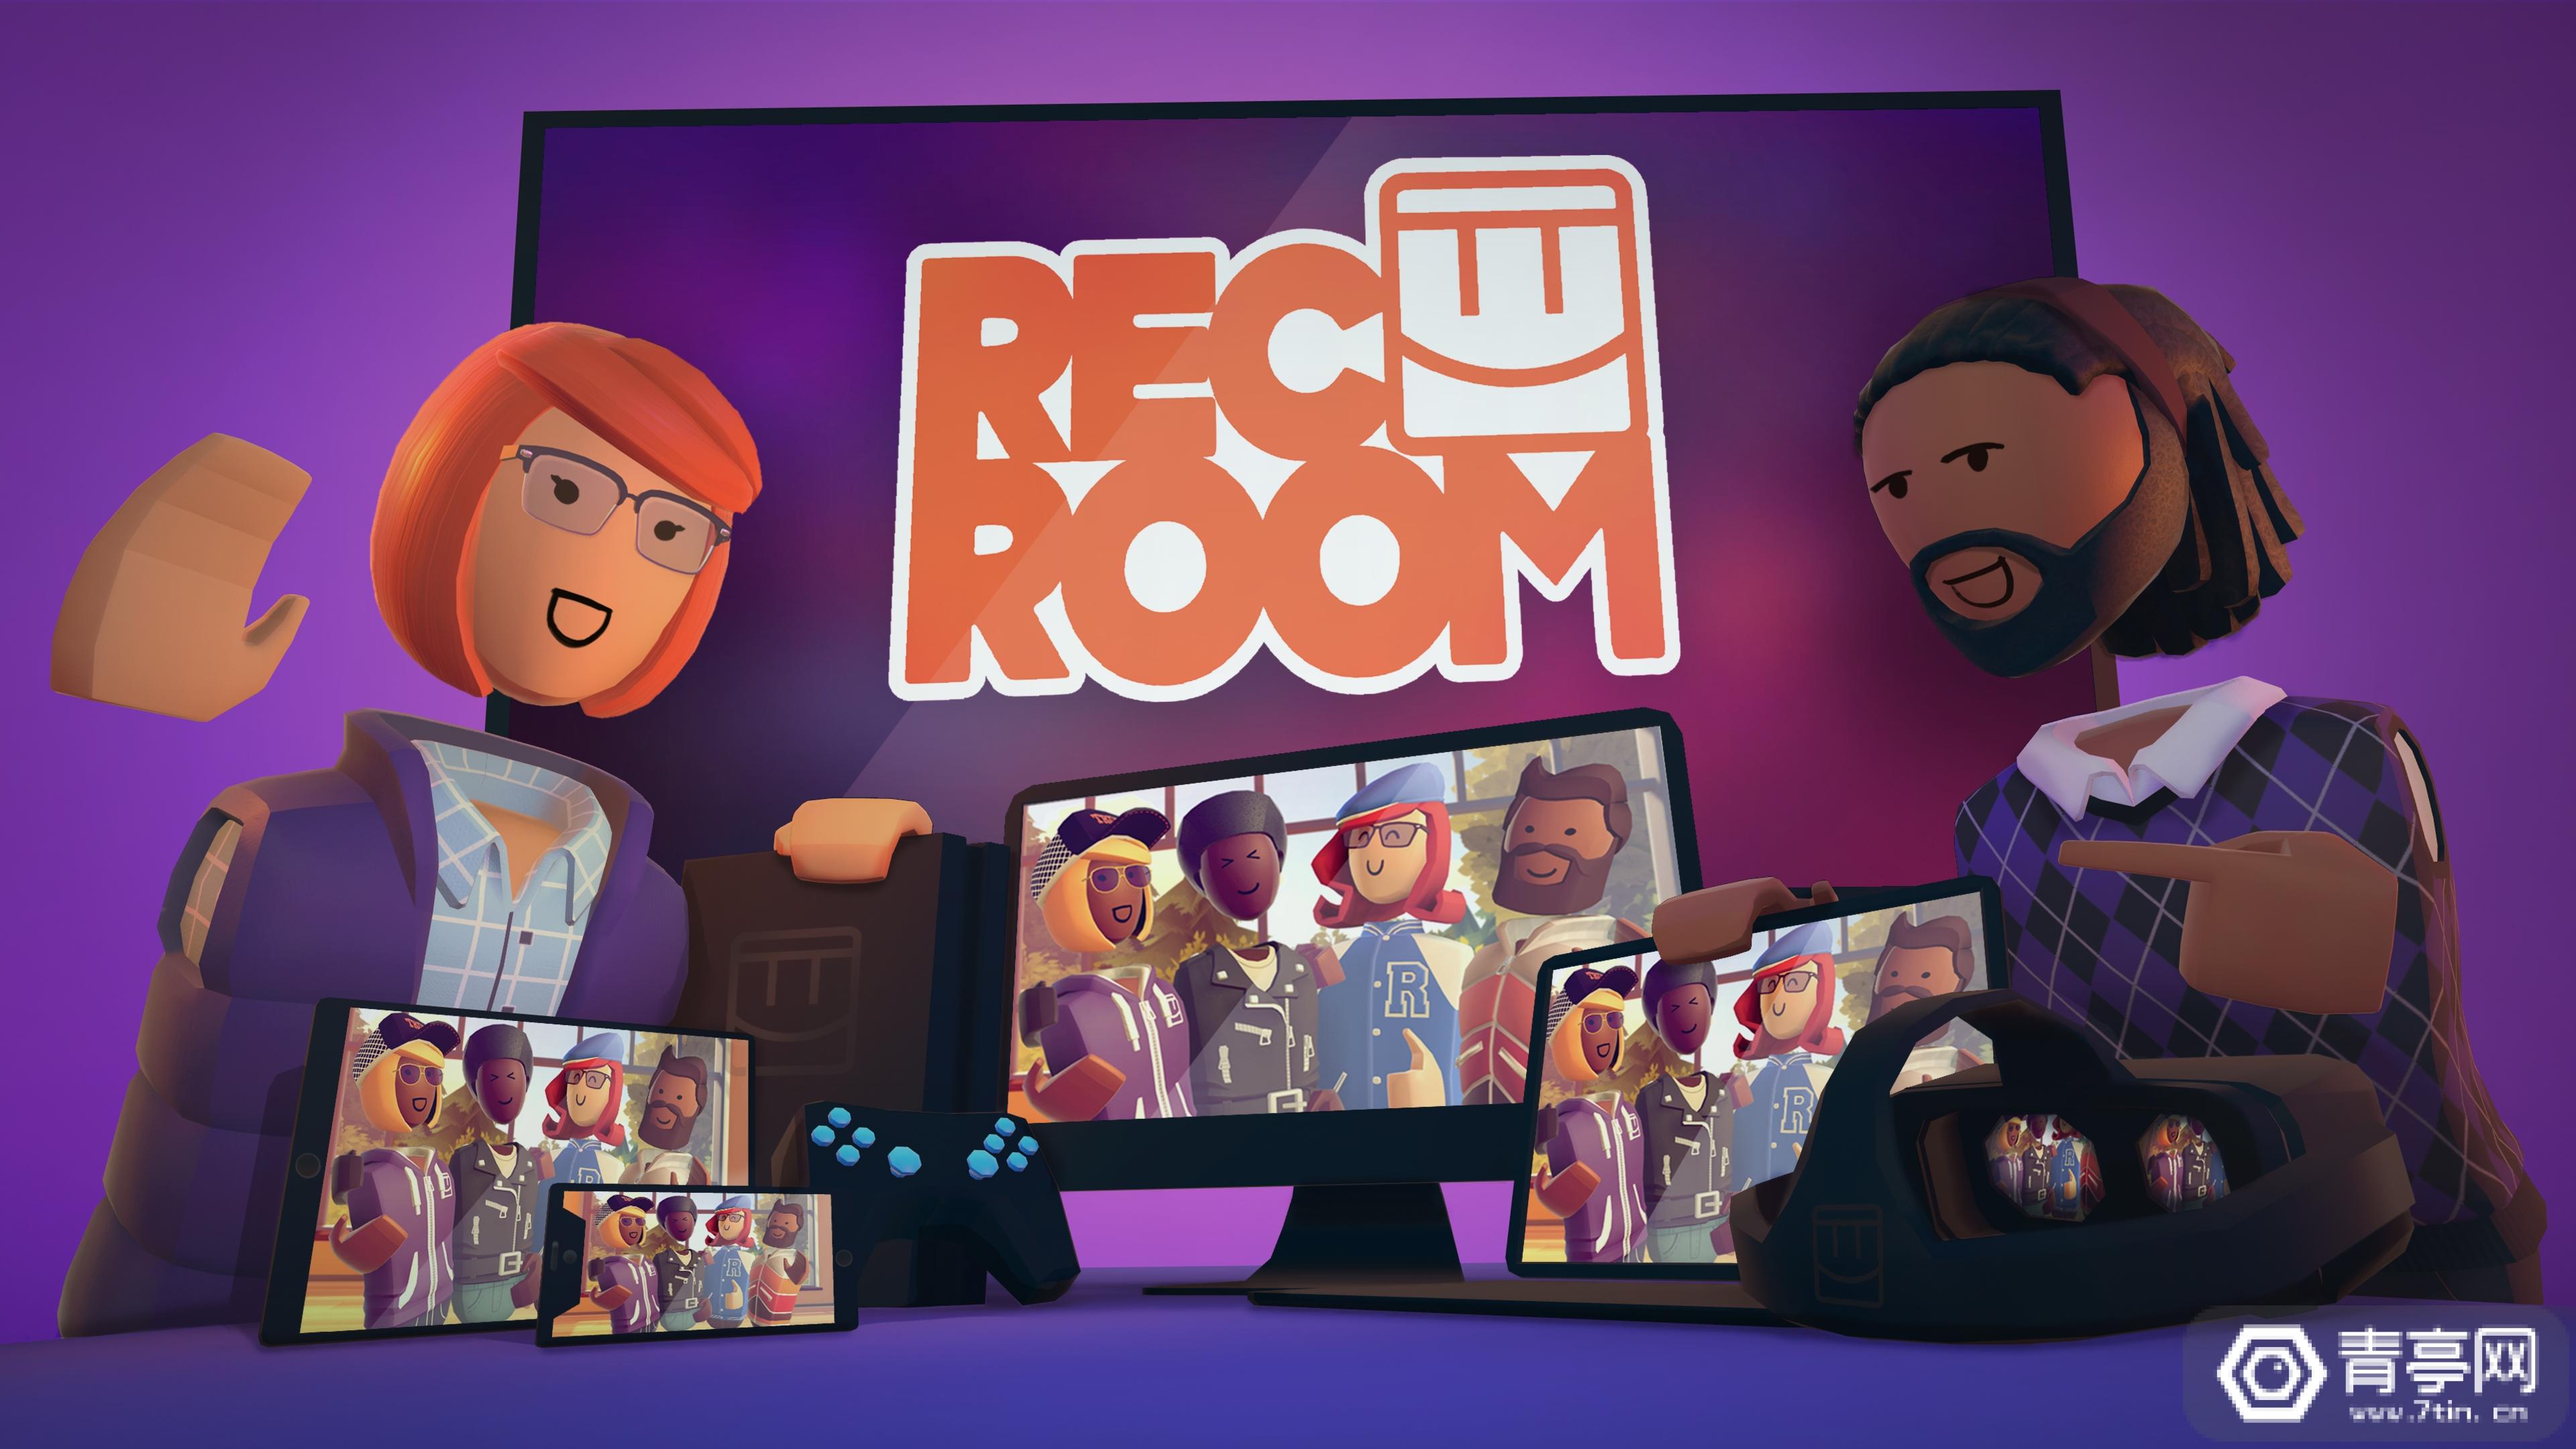 《Rec Room》开发商获B轮融资,两轮共筹集2400万美元